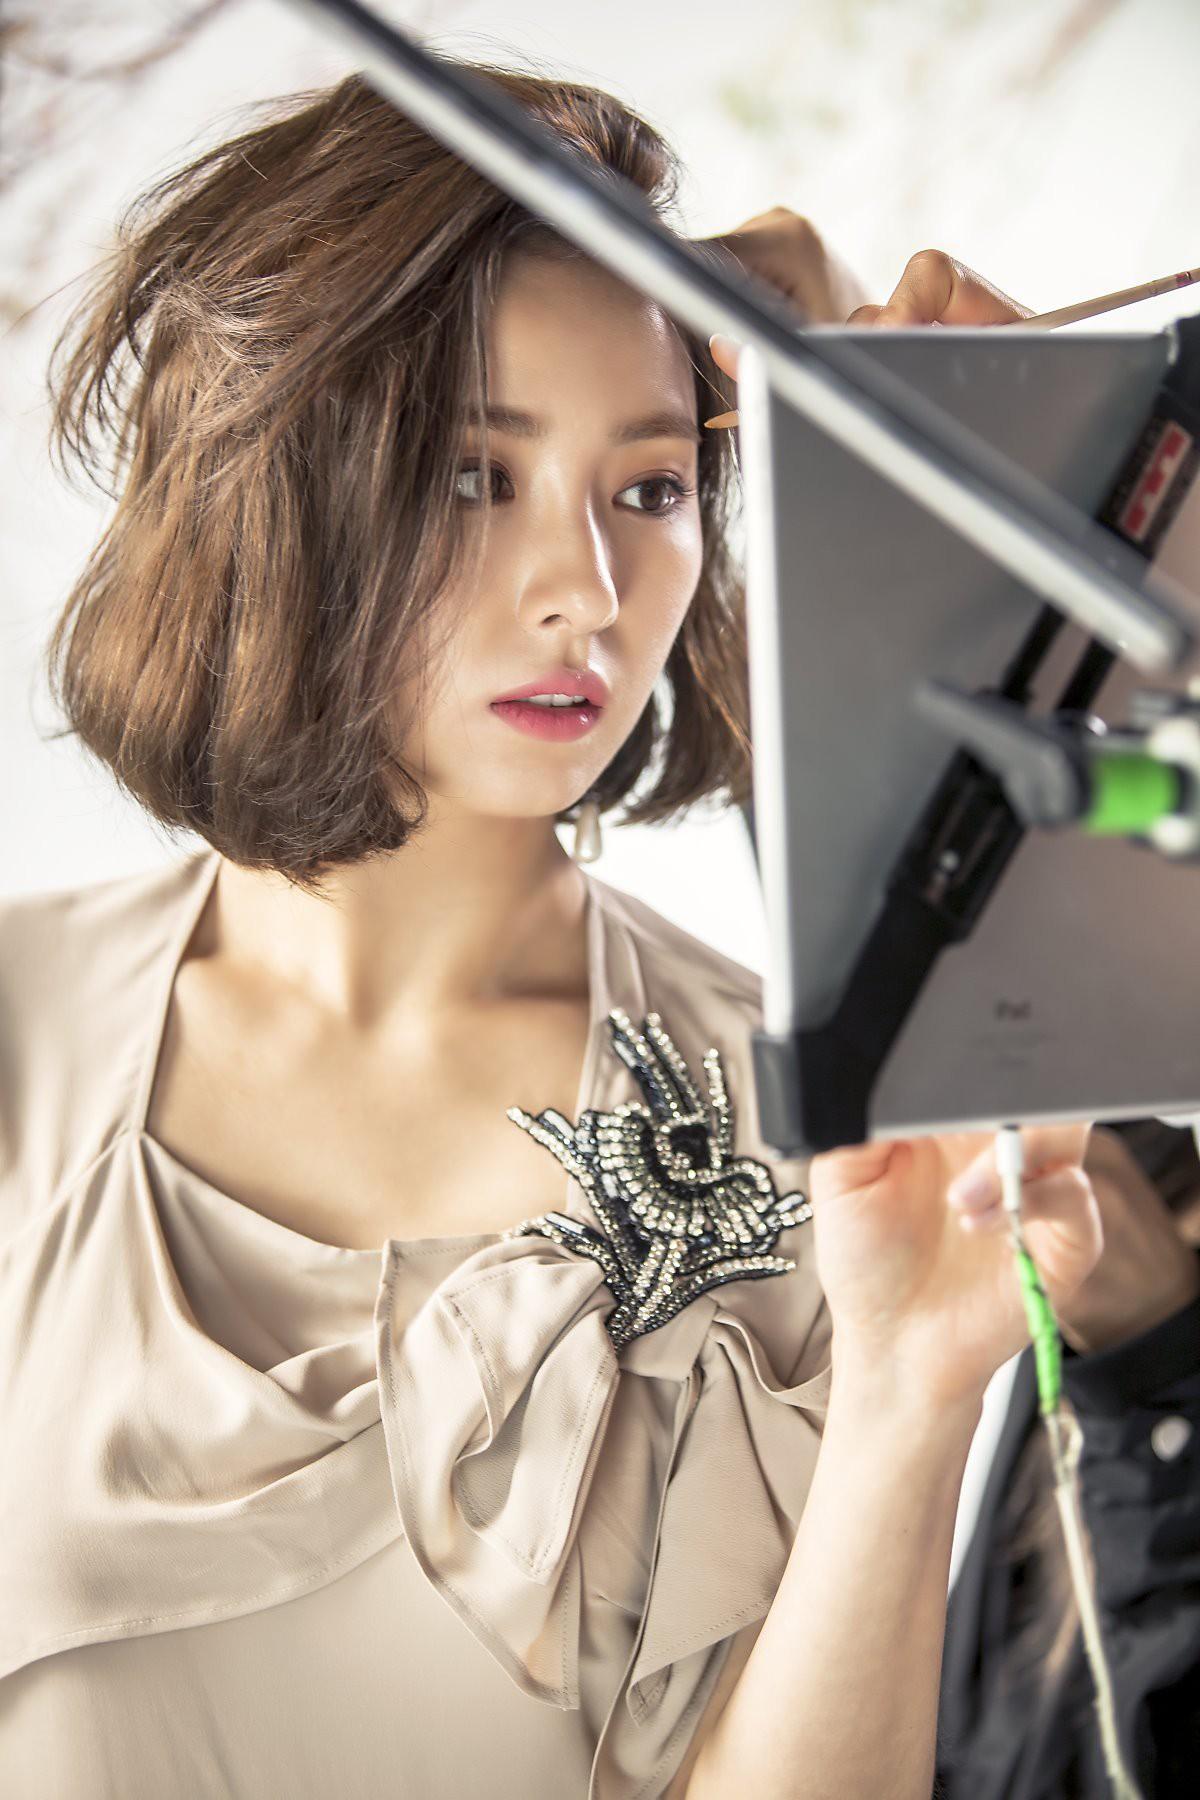 Phim của Yoo Seung Ho bị Kỵ Sĩ của Shin Se Kyung vượt mặt ngay tập đầu - Ảnh 10.